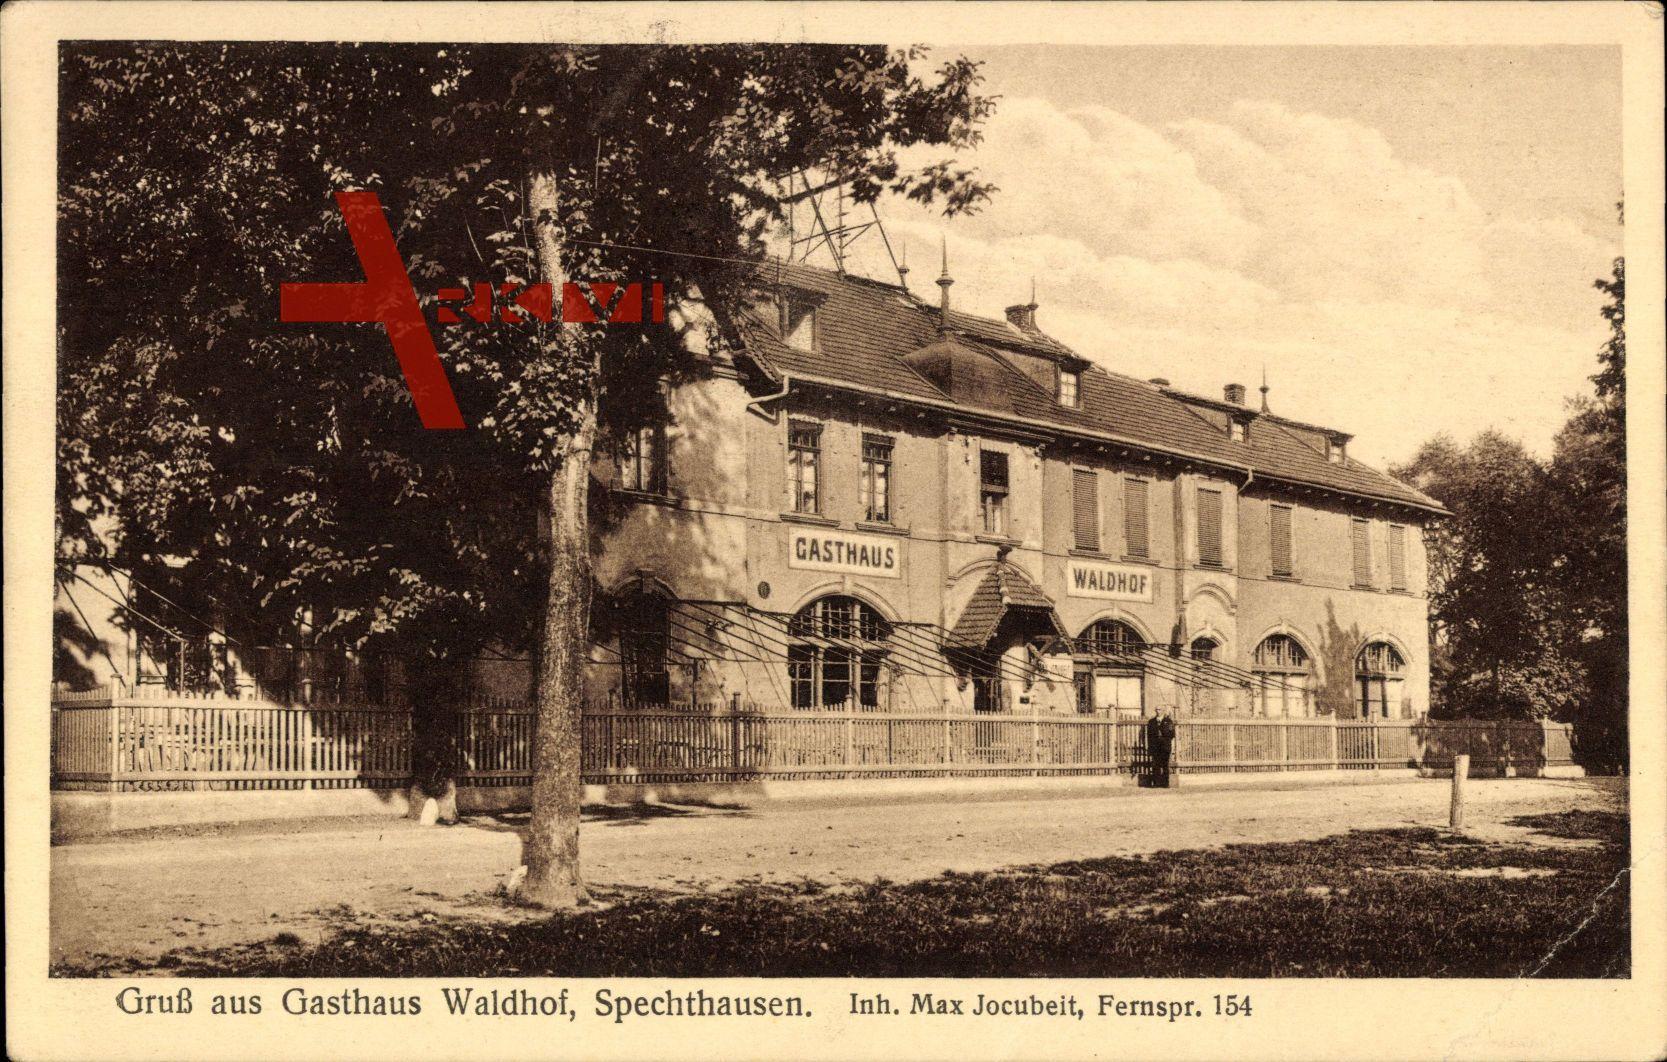 Spechtshausen Eberswalde, Blick auf das Gasthaus Waldhof Max Jocubeit